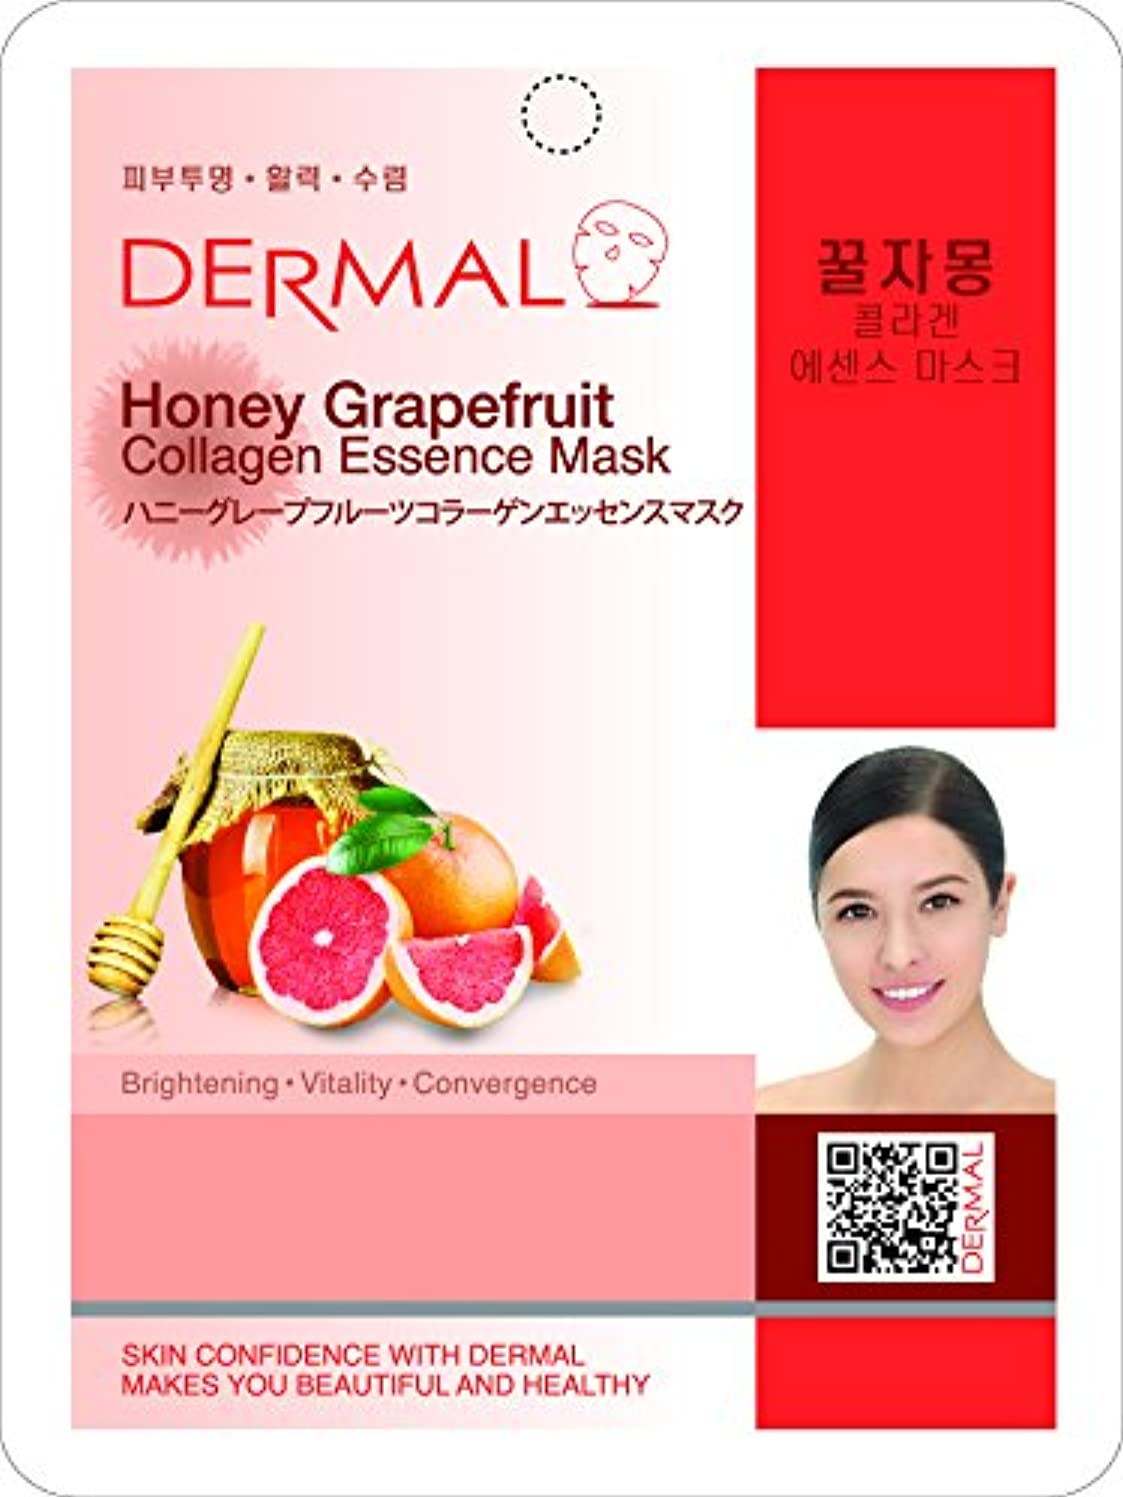 配管思い出させるコーラスハニーグレープフルーツシートマスク(フェイスパック) 10枚セット ダーマル(Dermal)